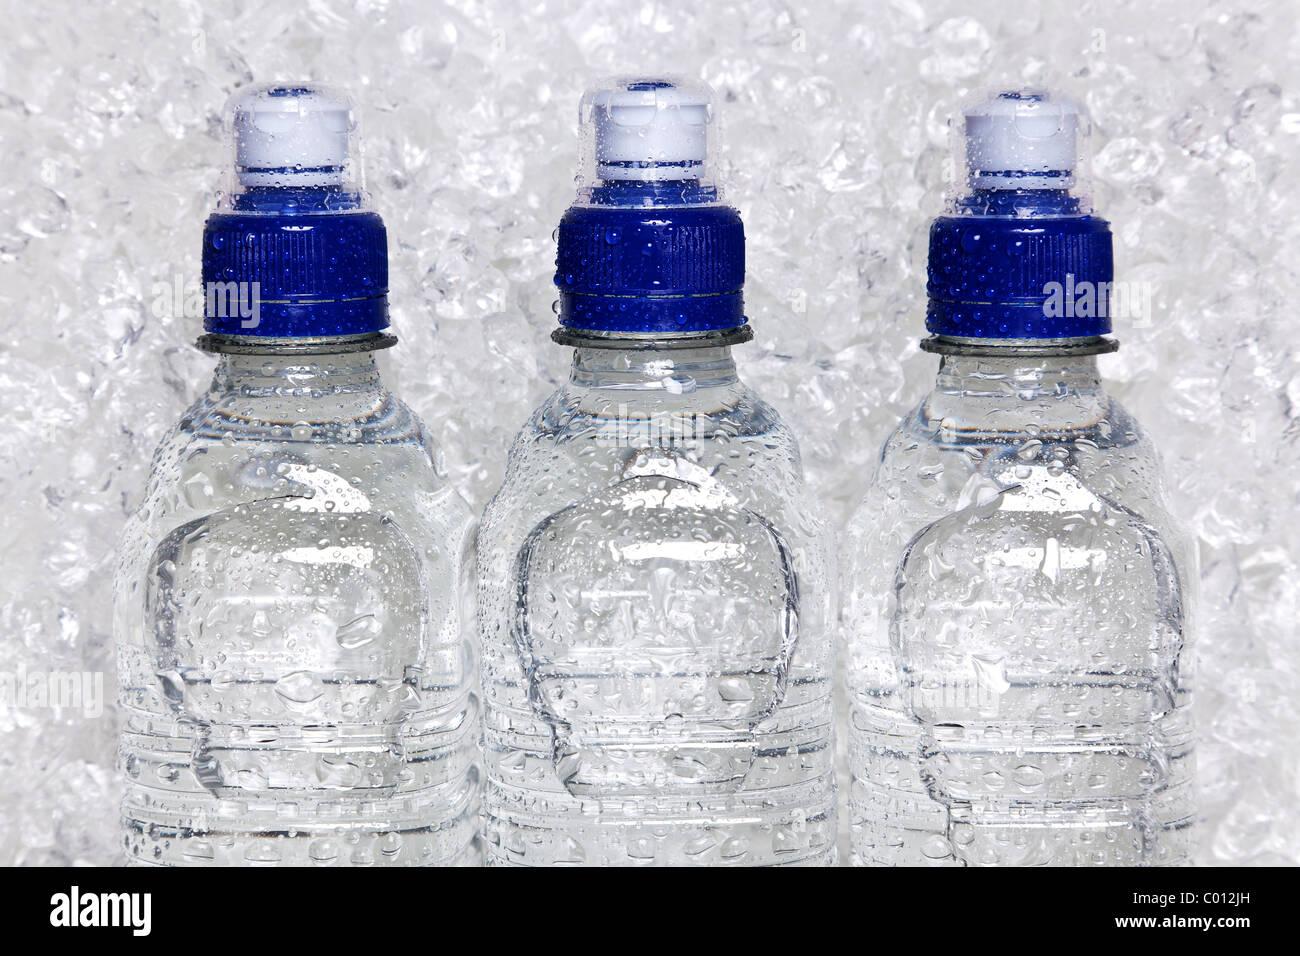 Photo de l'eau minérale froide dans des bouteilles en plastique sur de la glace concassée Photo Stock